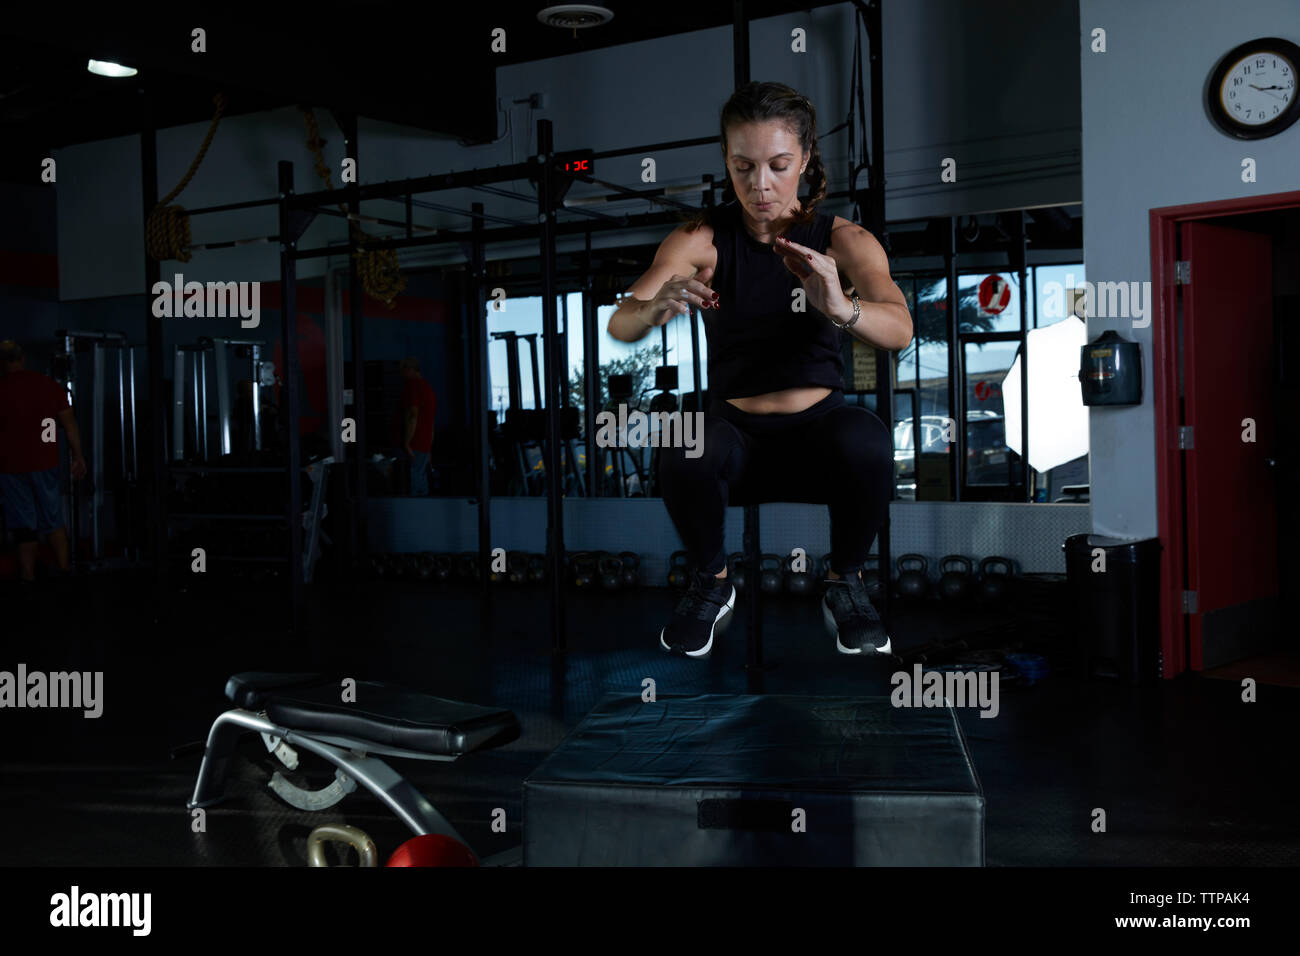 Mujer saltando sobre equipo para hacer ejercicio en el gimnasio Imagen De Stock